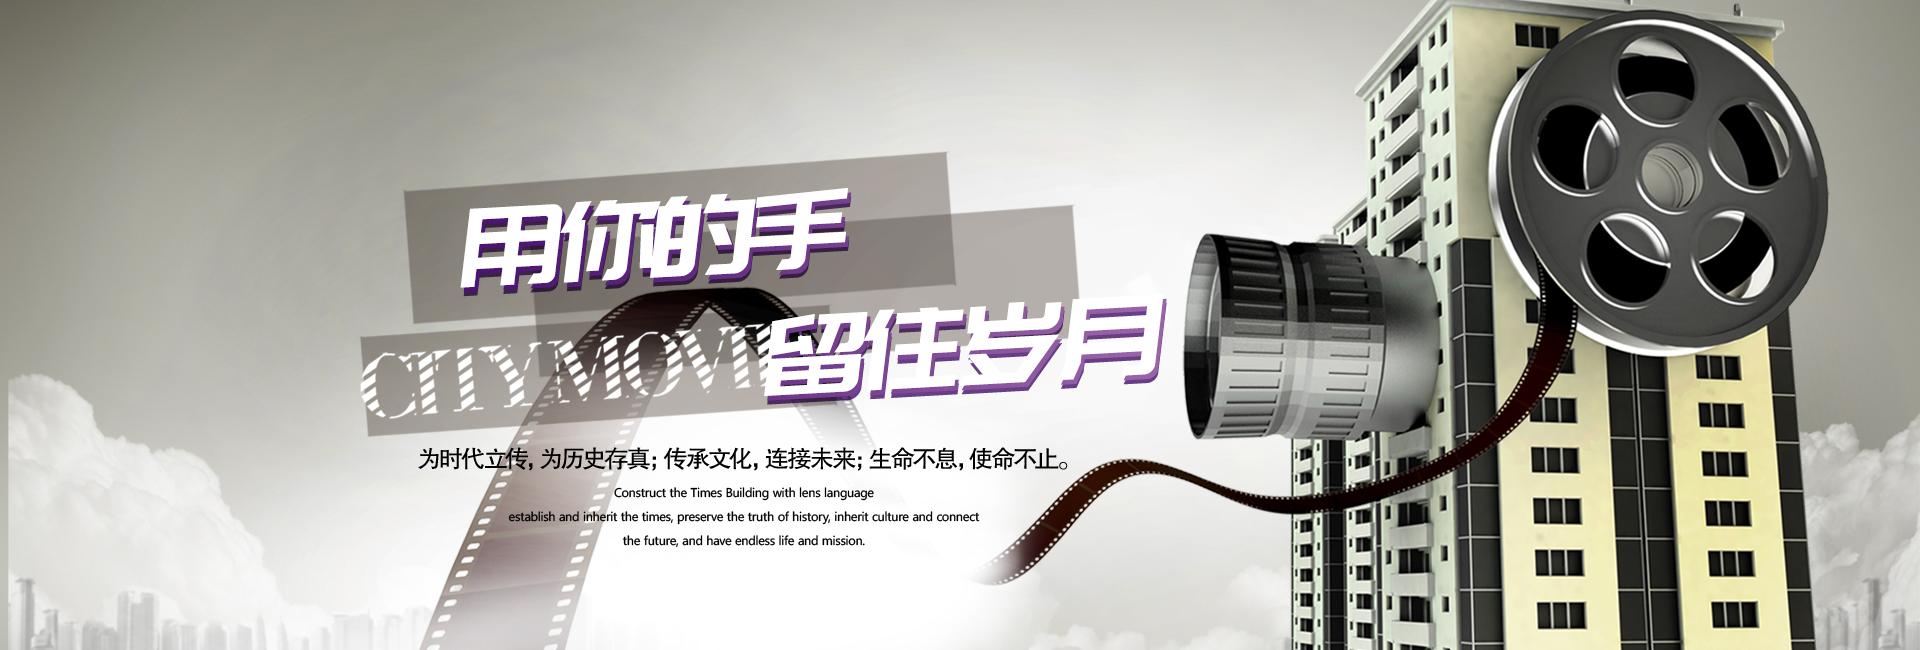 创意短视频拍摄找哪家_专业摄影、摄像服务拍摄找哪家-北京金秋蓝影视文化传媒有限公司